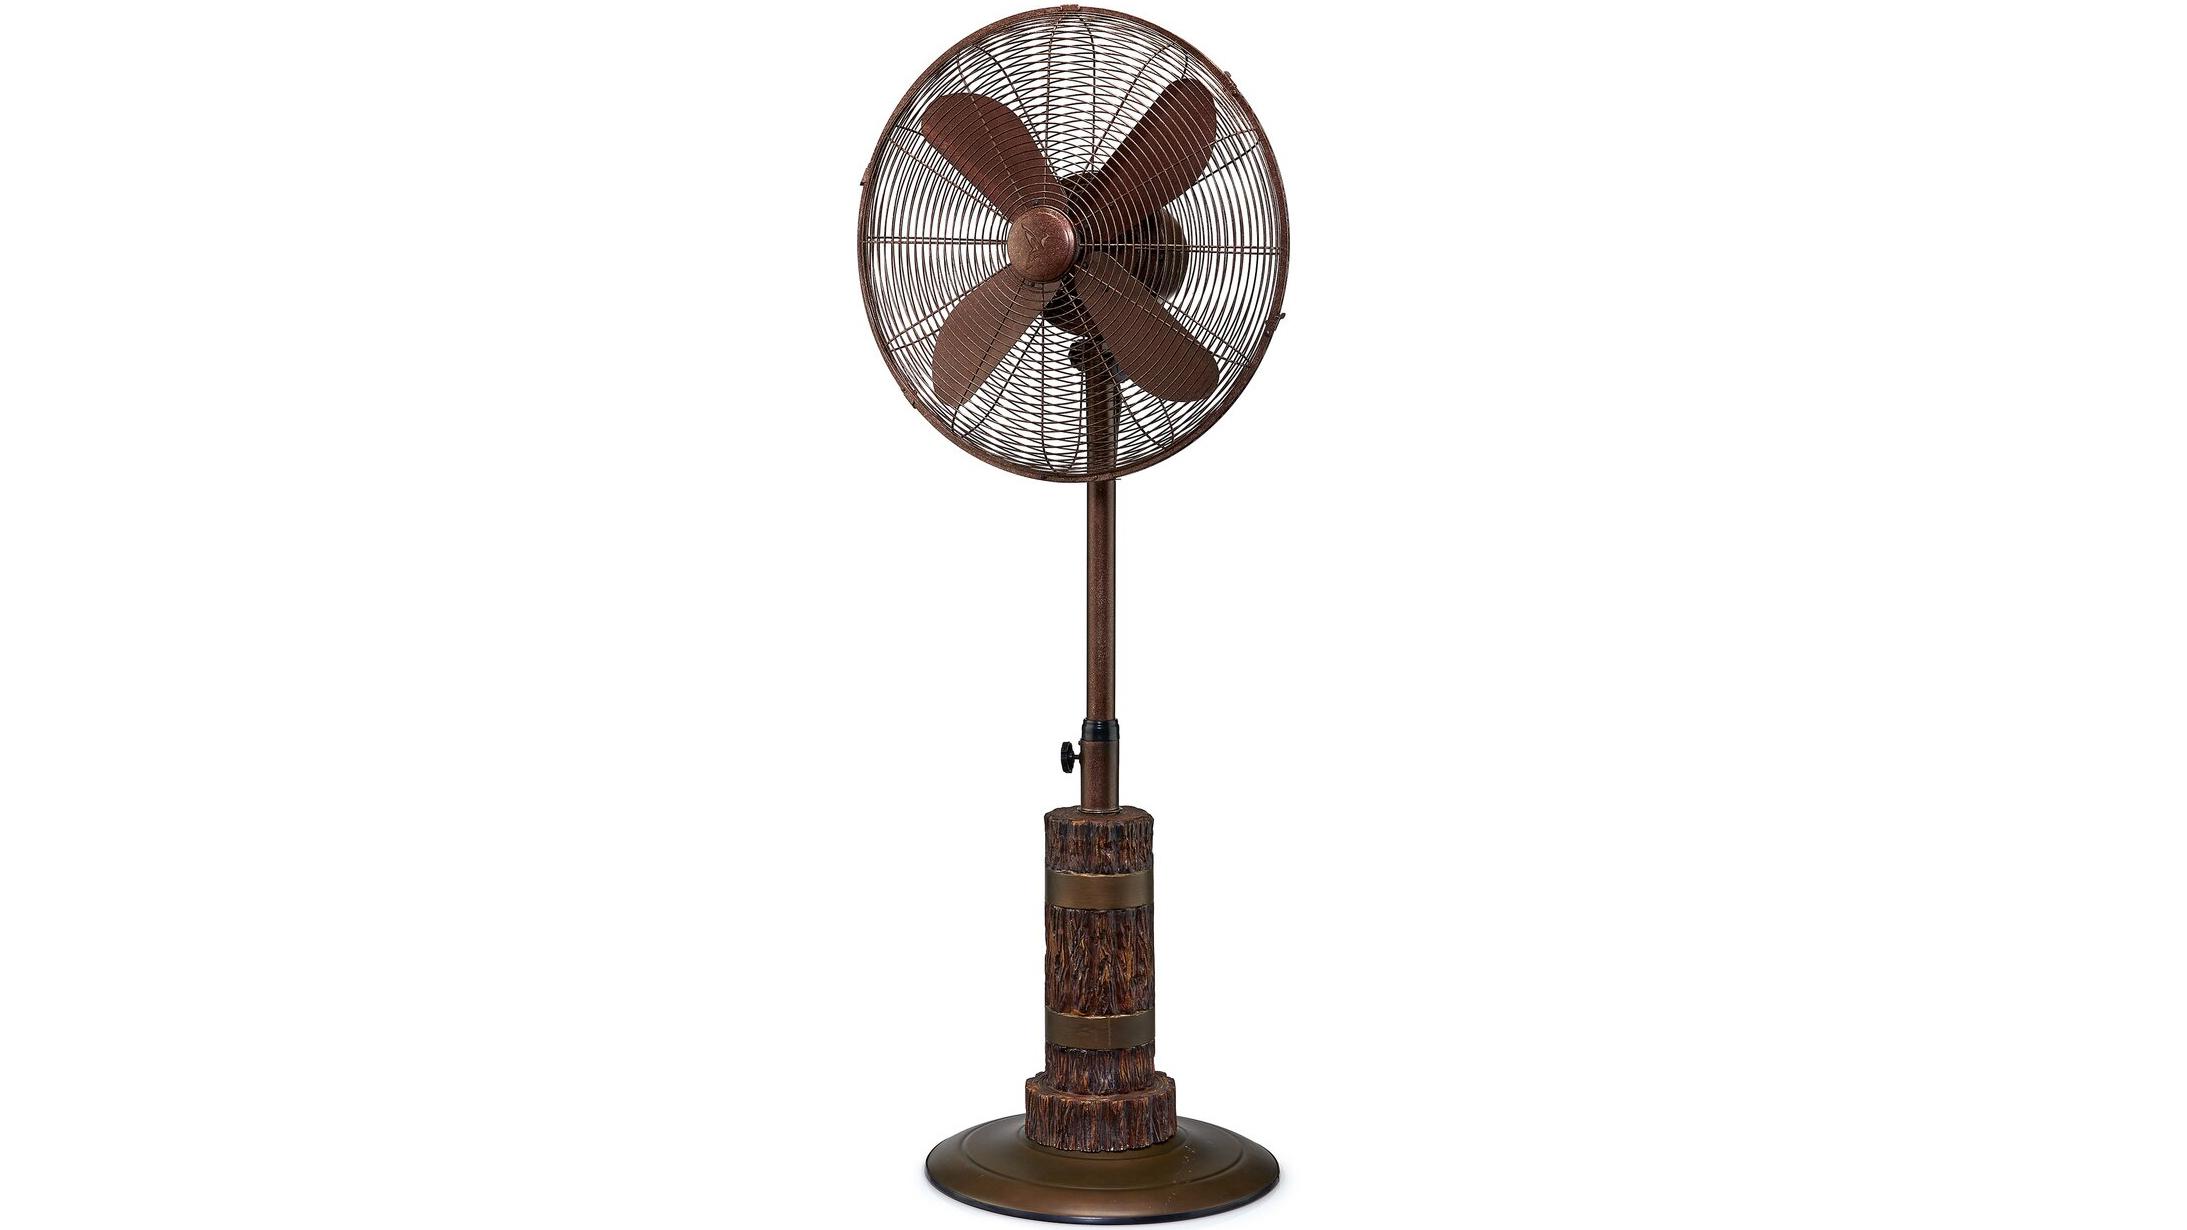 Loon Peak Reames Oscillating Floor Fan